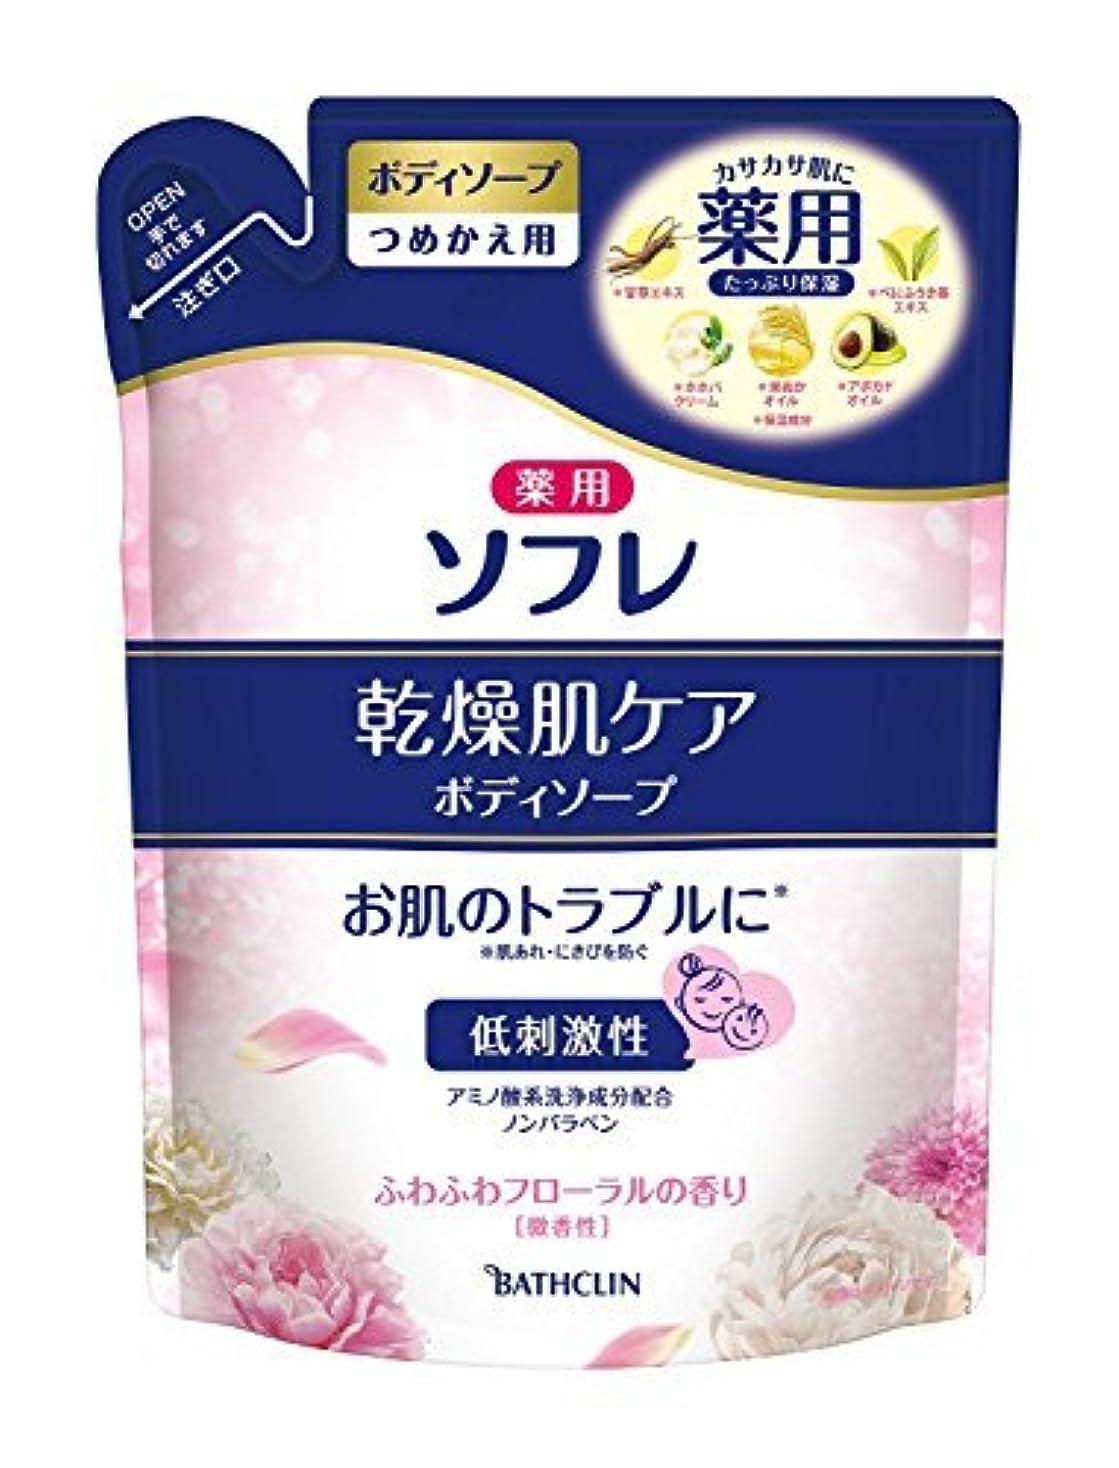 セッティング咲く機関車薬用ソフレ 乾燥肌ケアボディ詰替 × 12個セット